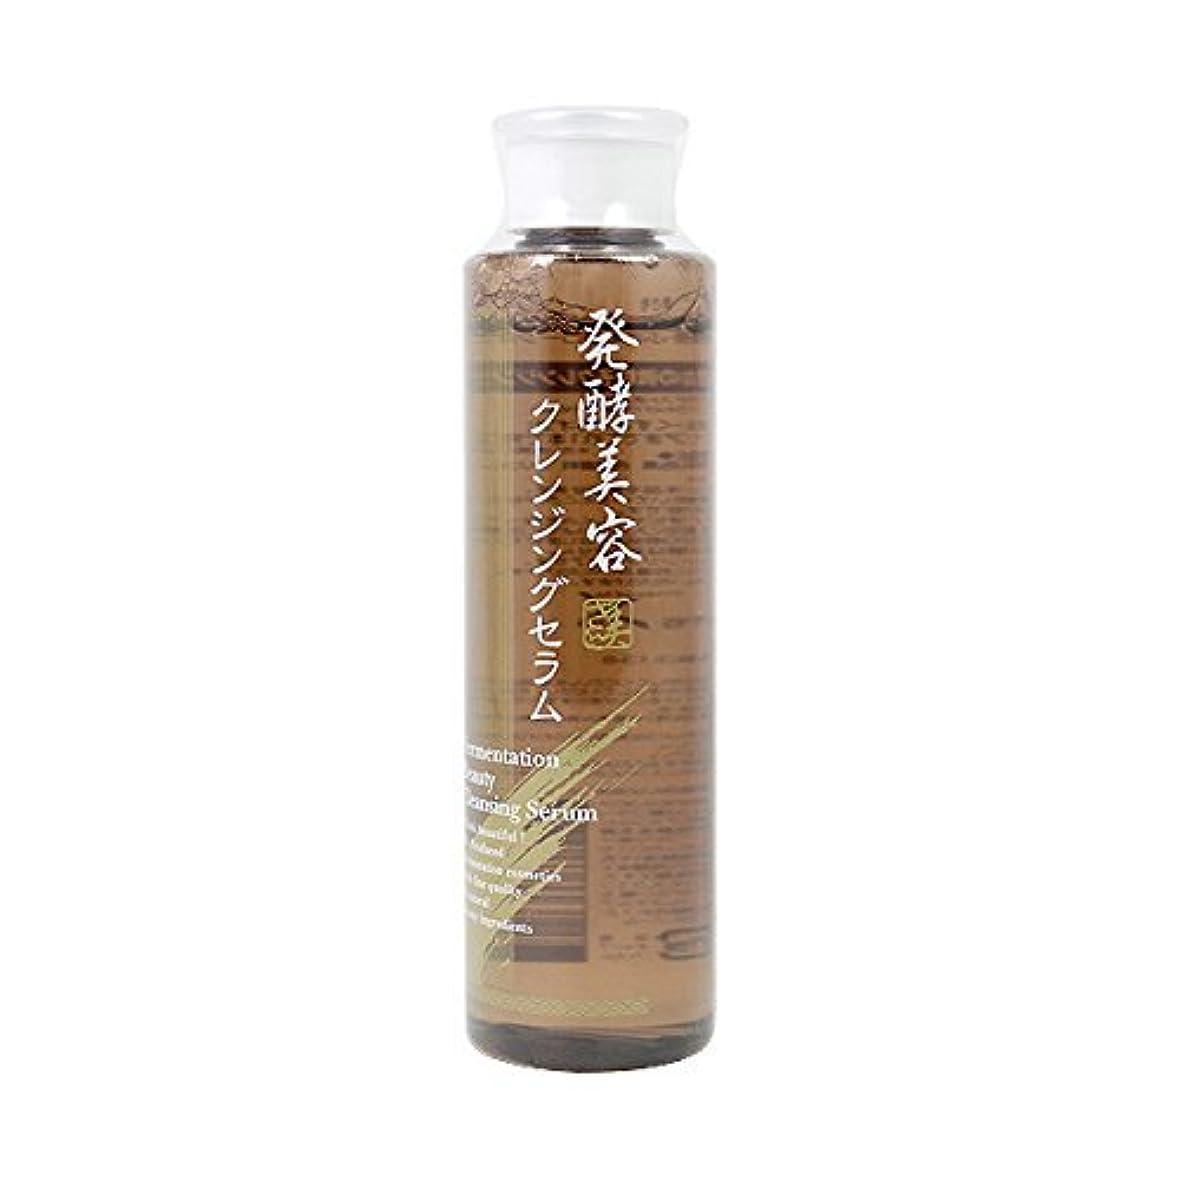 消毒するオークランタンシーヴァ 発酵美容 クレンジングセラム 200ml